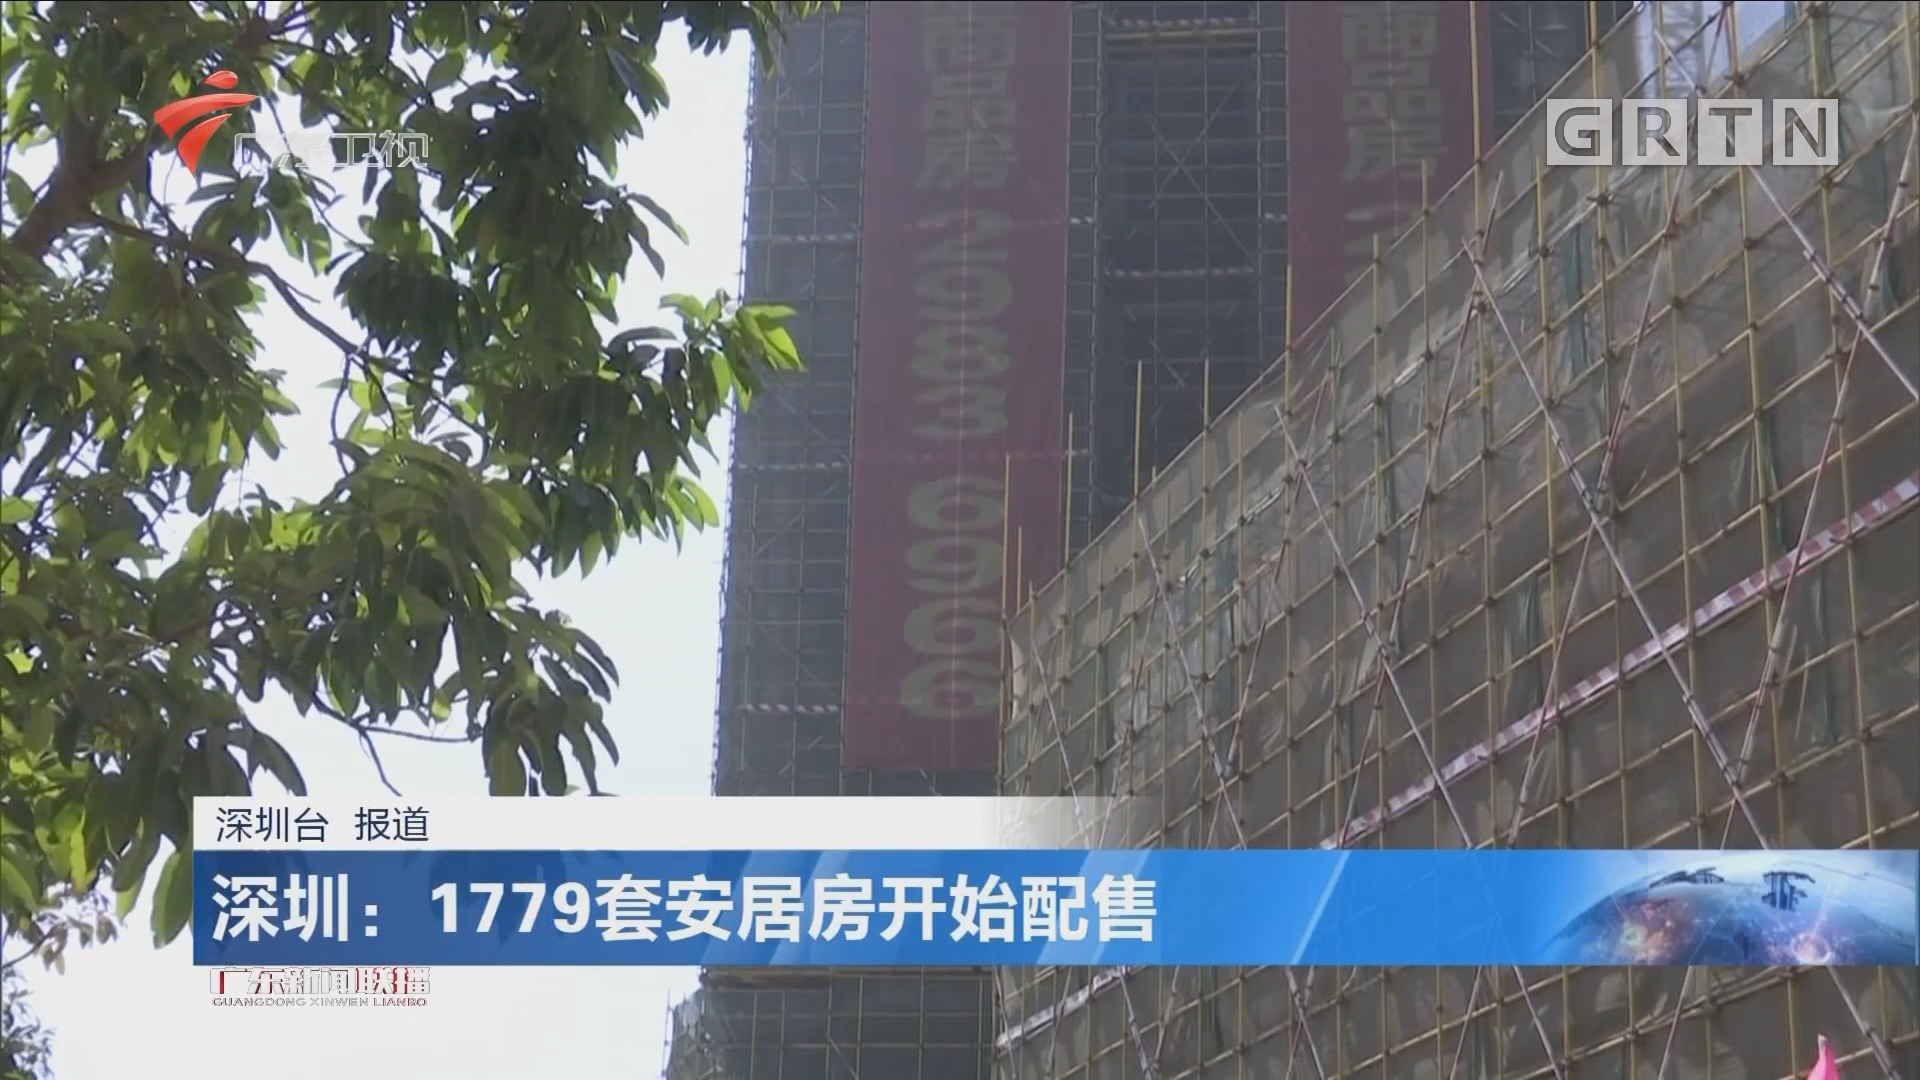 深圳:1779套安居房开始配售